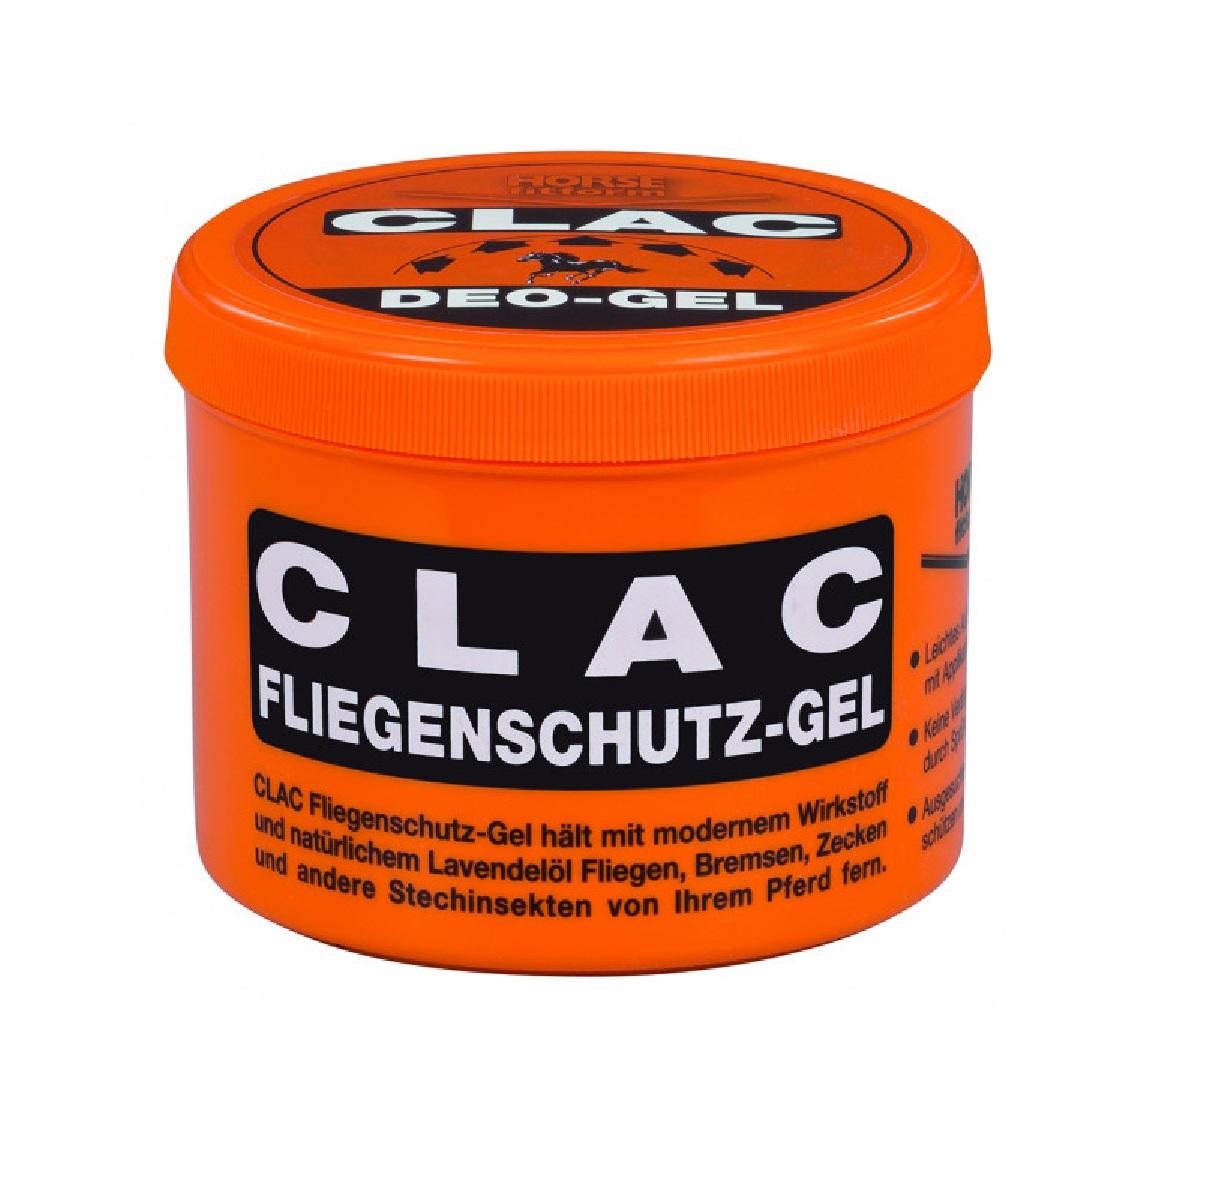 CLAC Fliegenschutz-Gel * HORSE fitform - Qualität von PFIFF